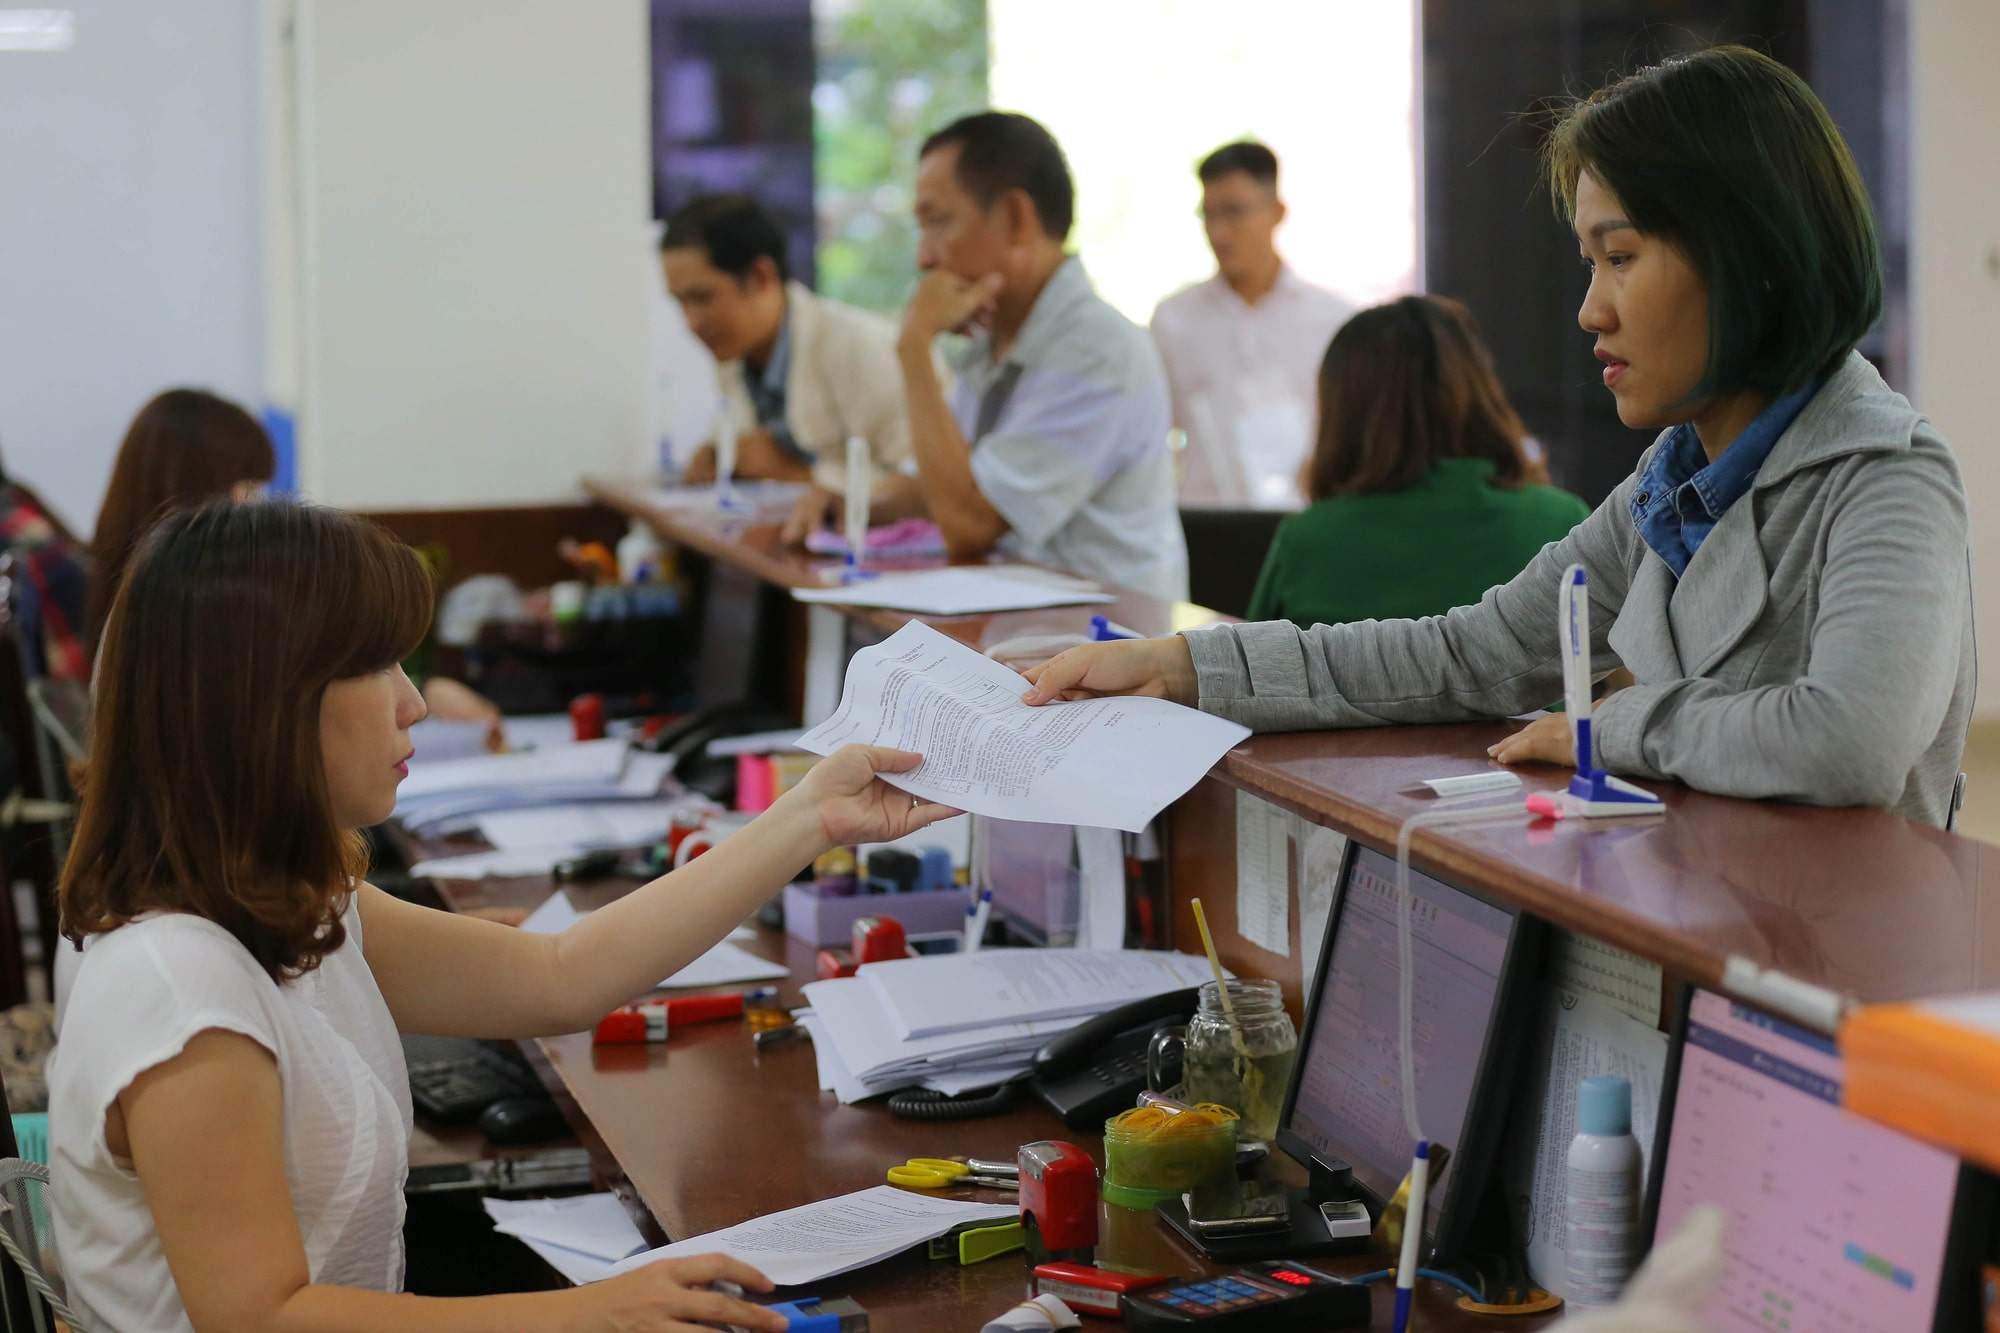 Vấn đề uỷ quyền bảo hiểm thất nghiệp cho người lao động